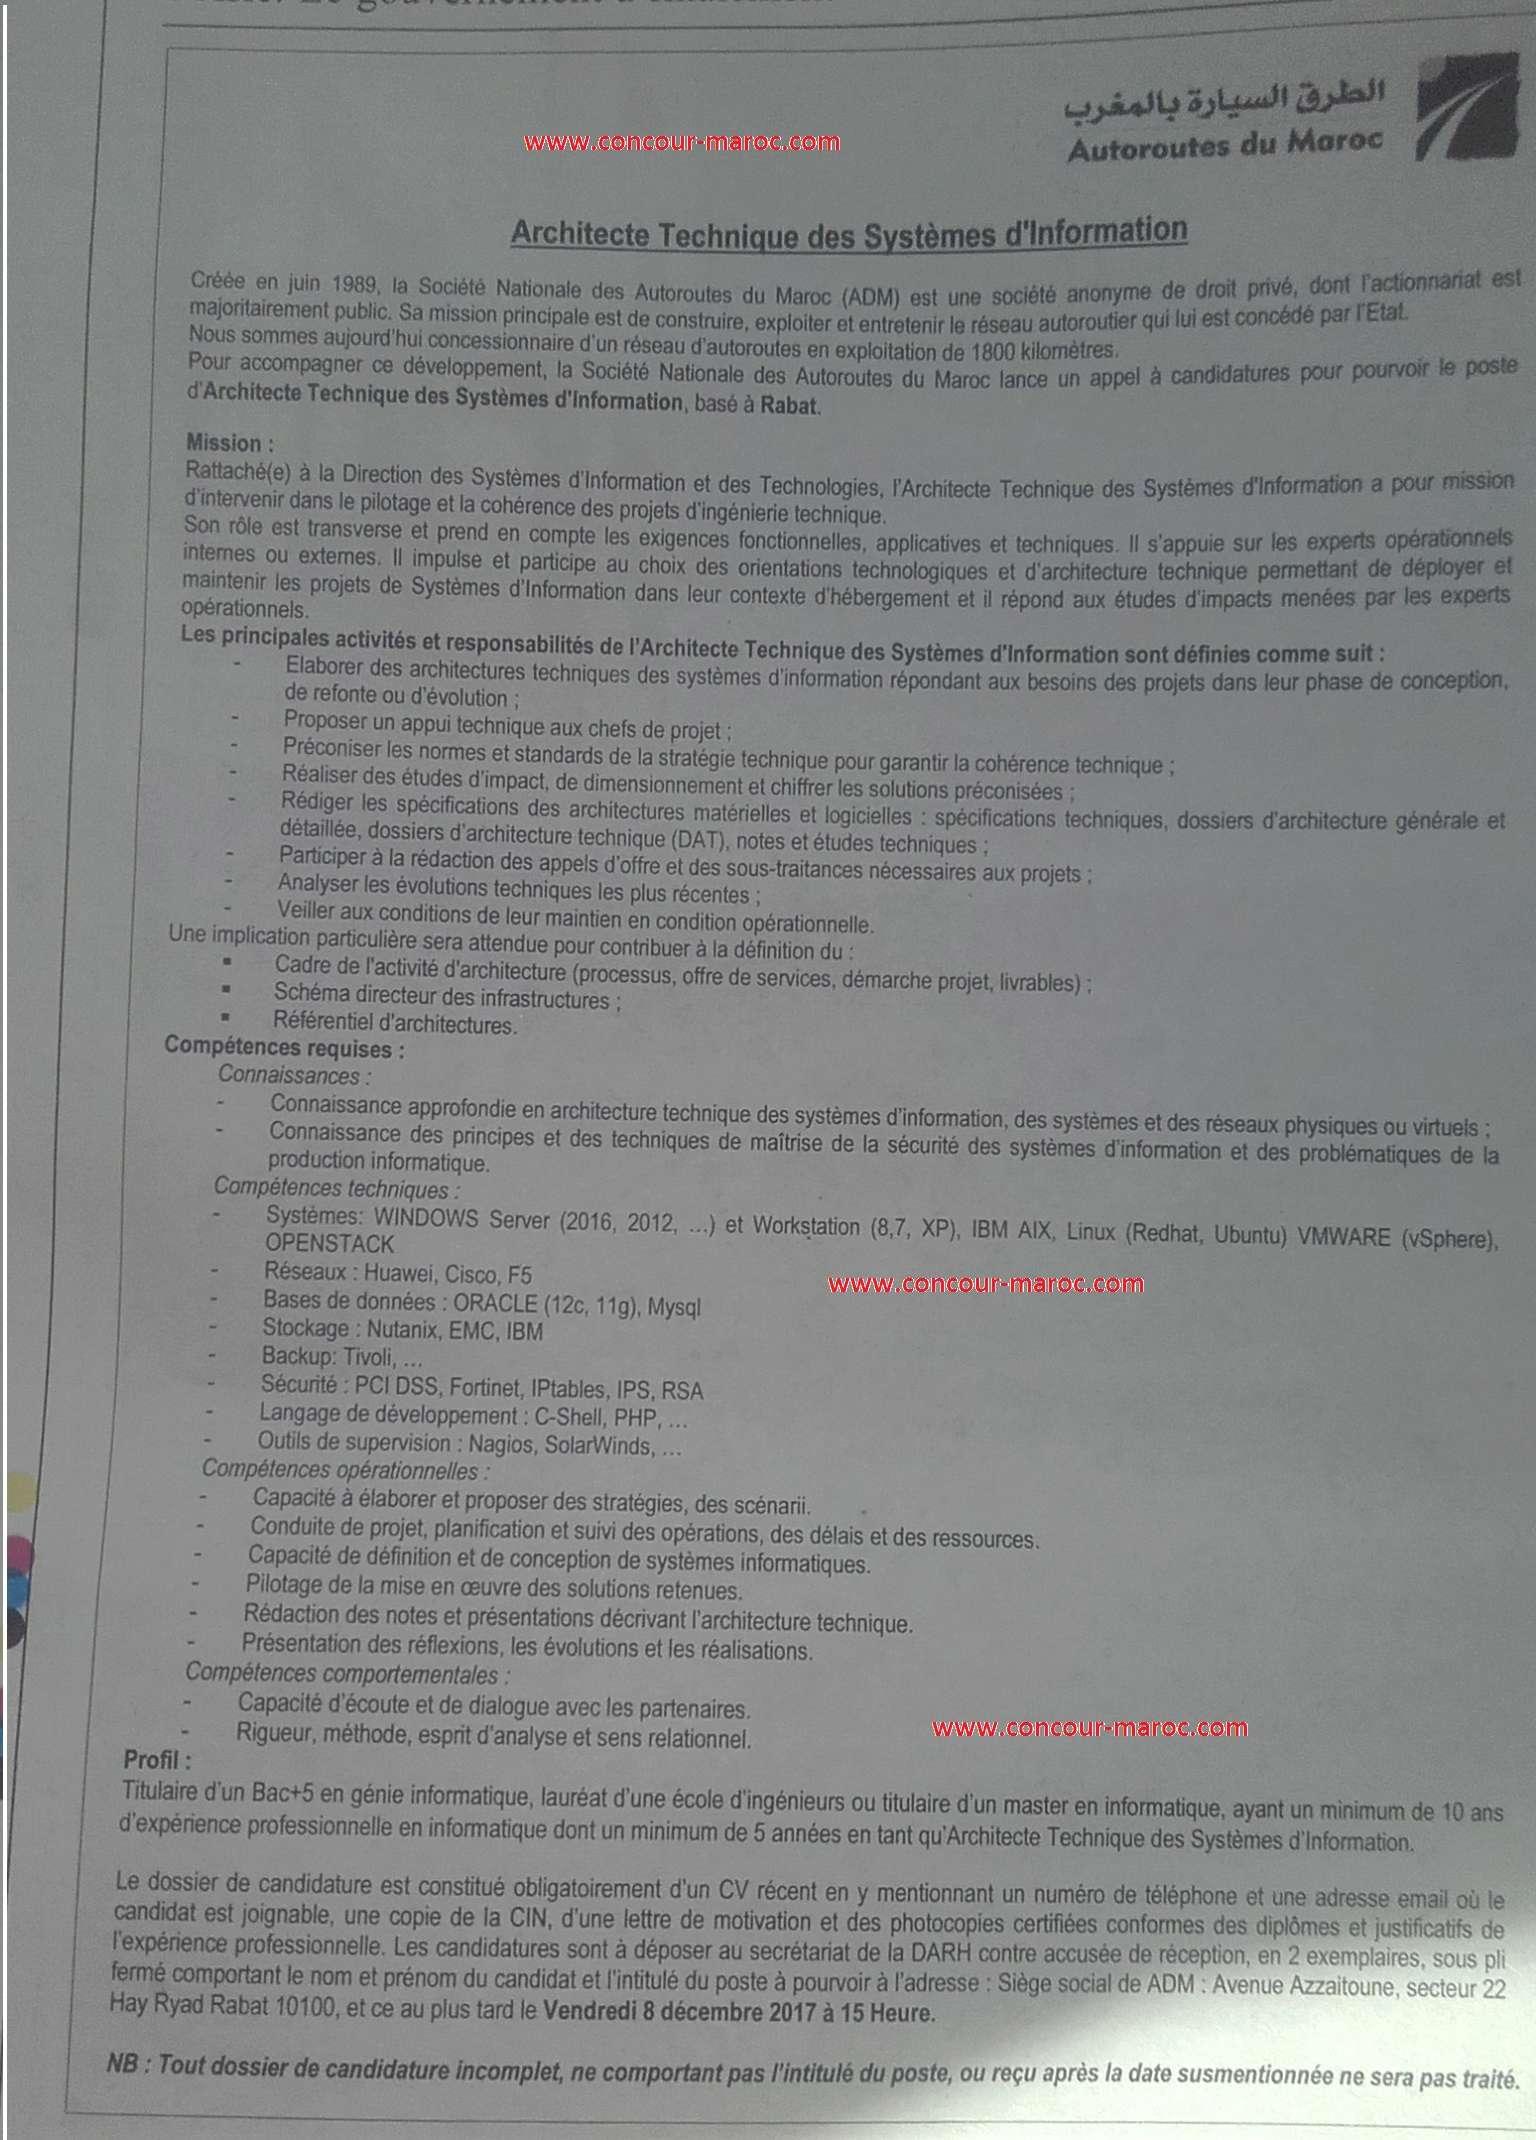 الشركة الوطنية للطرق السيارة بالمغرب : مباراة توظيف اطار عالي آخر أجل للترشيح 8 دجنبر 2017 Concou61